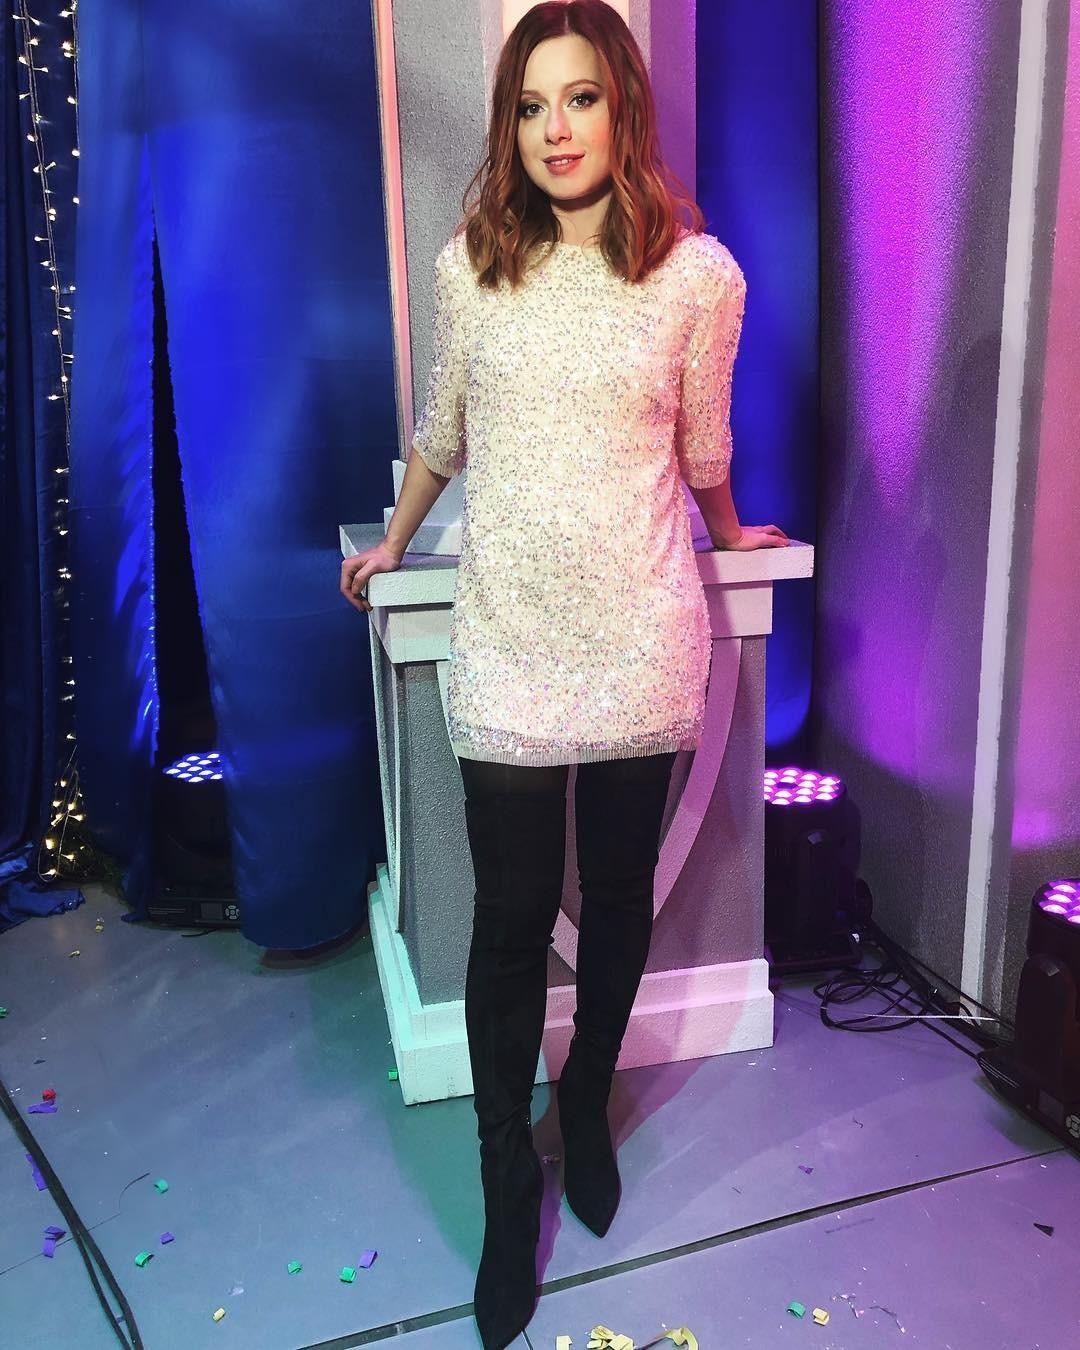 На днях она приняла участие всъемках новогоднего огонька. Дляпраздничного эфира она выбрала короткое белое платье сблестками иботфорты. Такое сочетание позволило визуально вытянуть си...